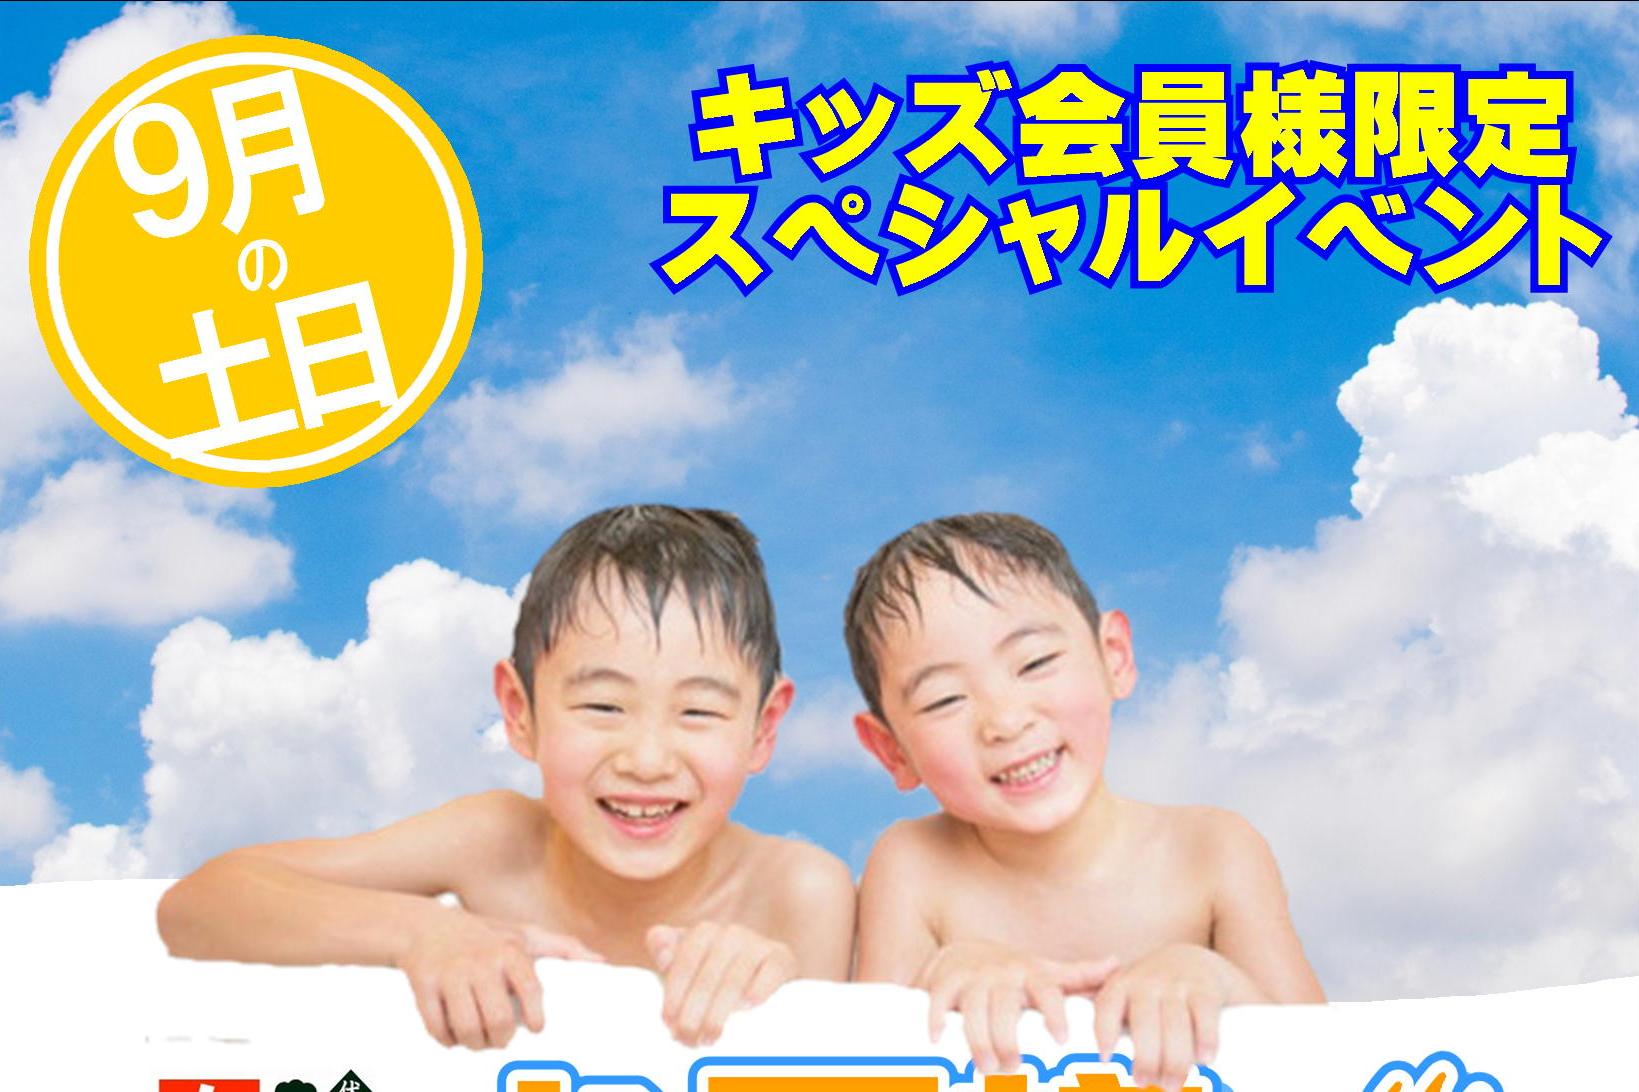 9月の土日 キッズ会員入浴無料